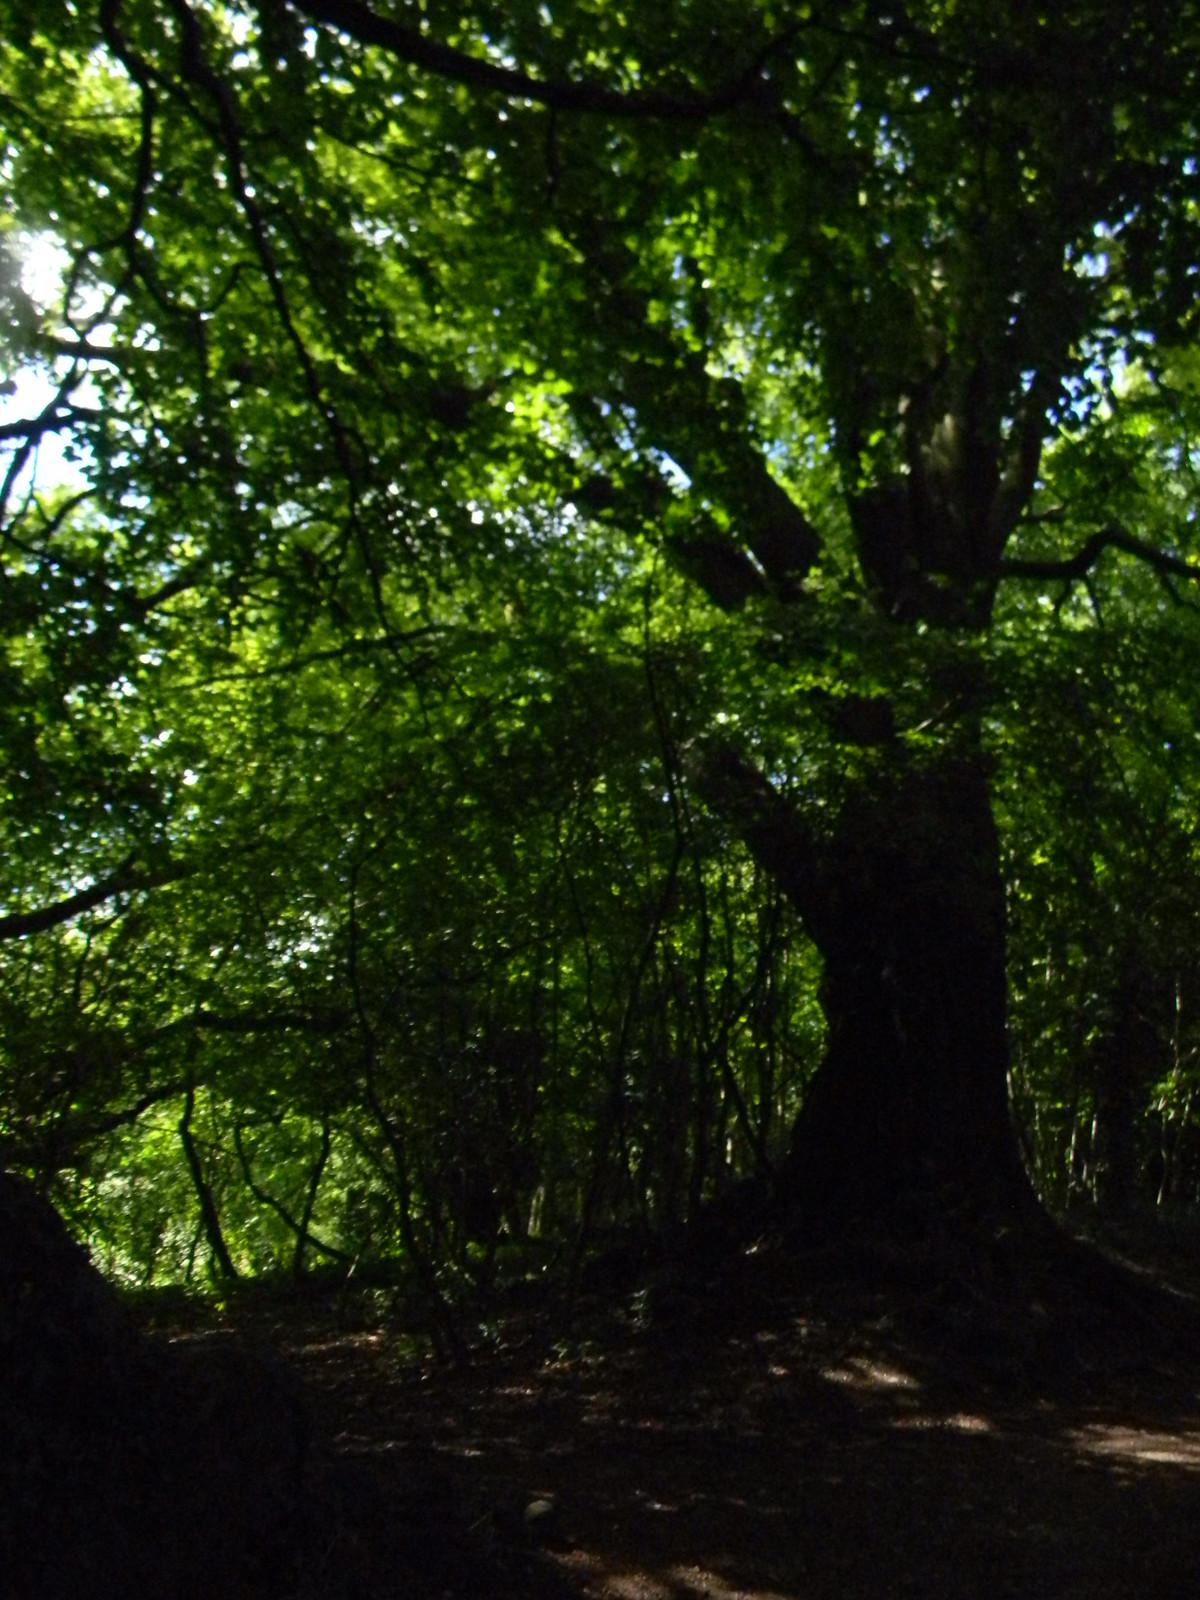 In the woods Merstham to Tattenham Corner